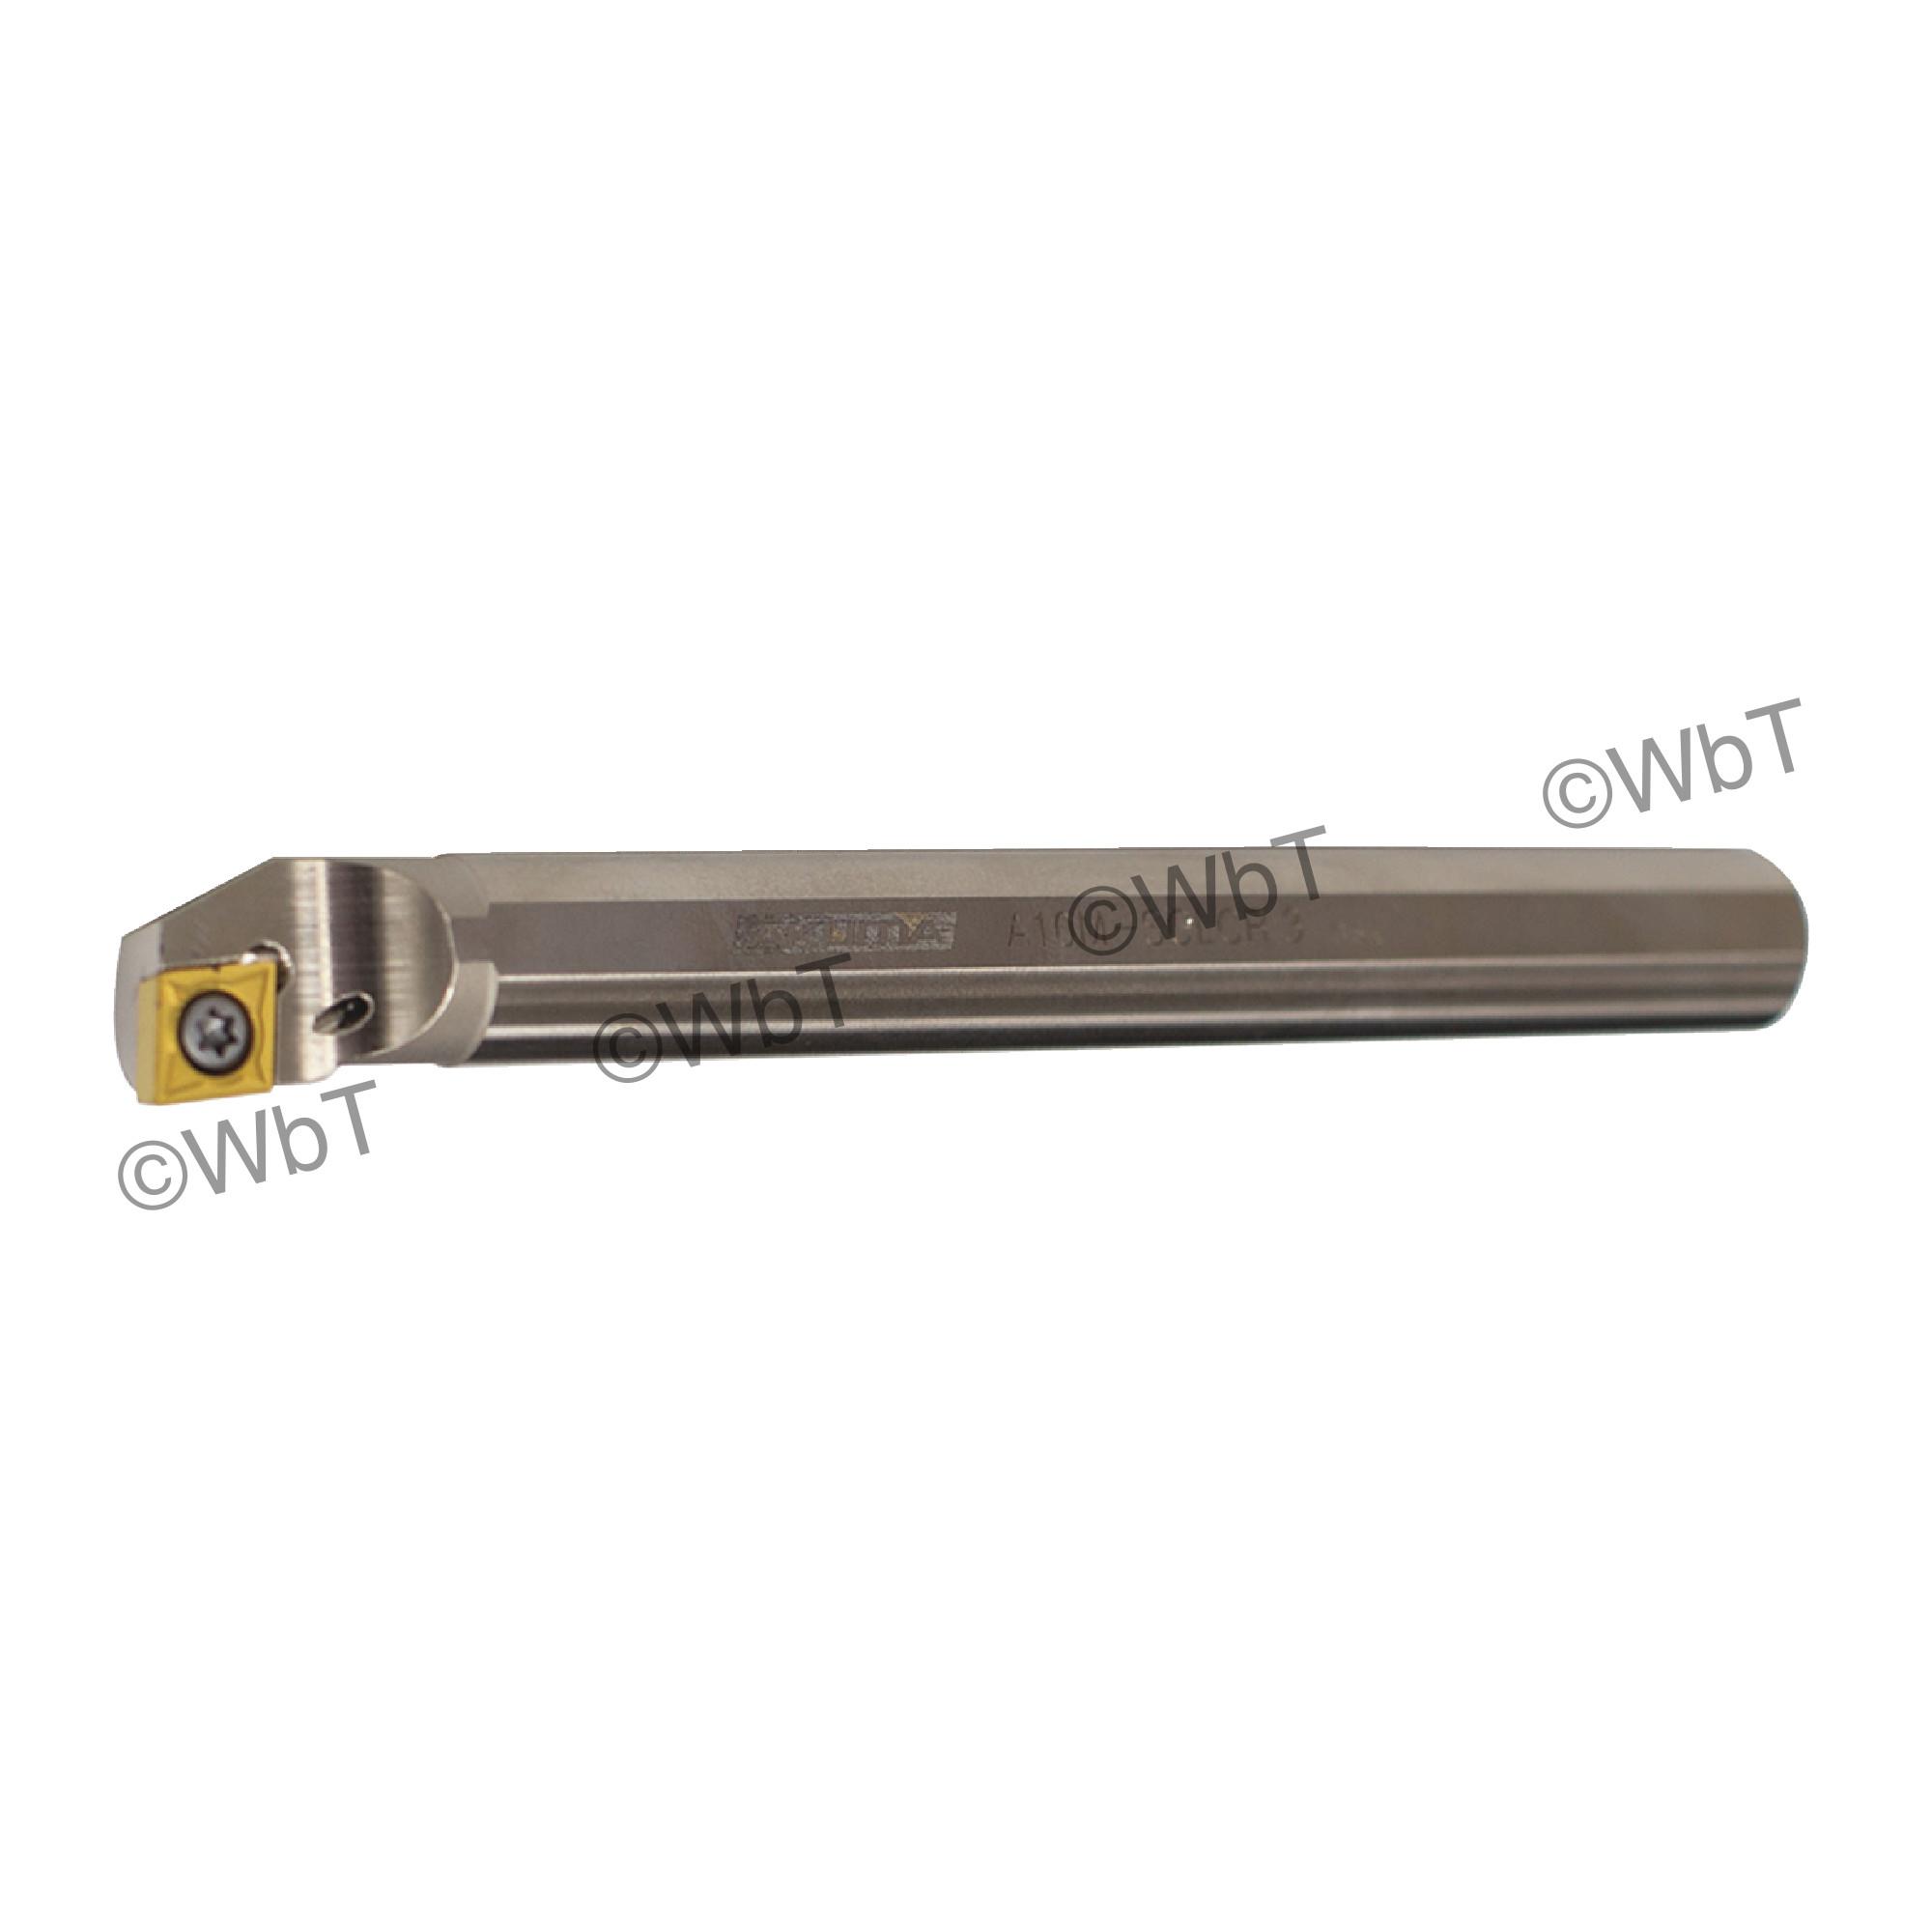 """AKUMA - A10M-SCLCR-3 / Steel Boring Bar / 5/8"""" Shank / CCMT3(2.5)_ / Cooalnt Thru / Right Hand"""